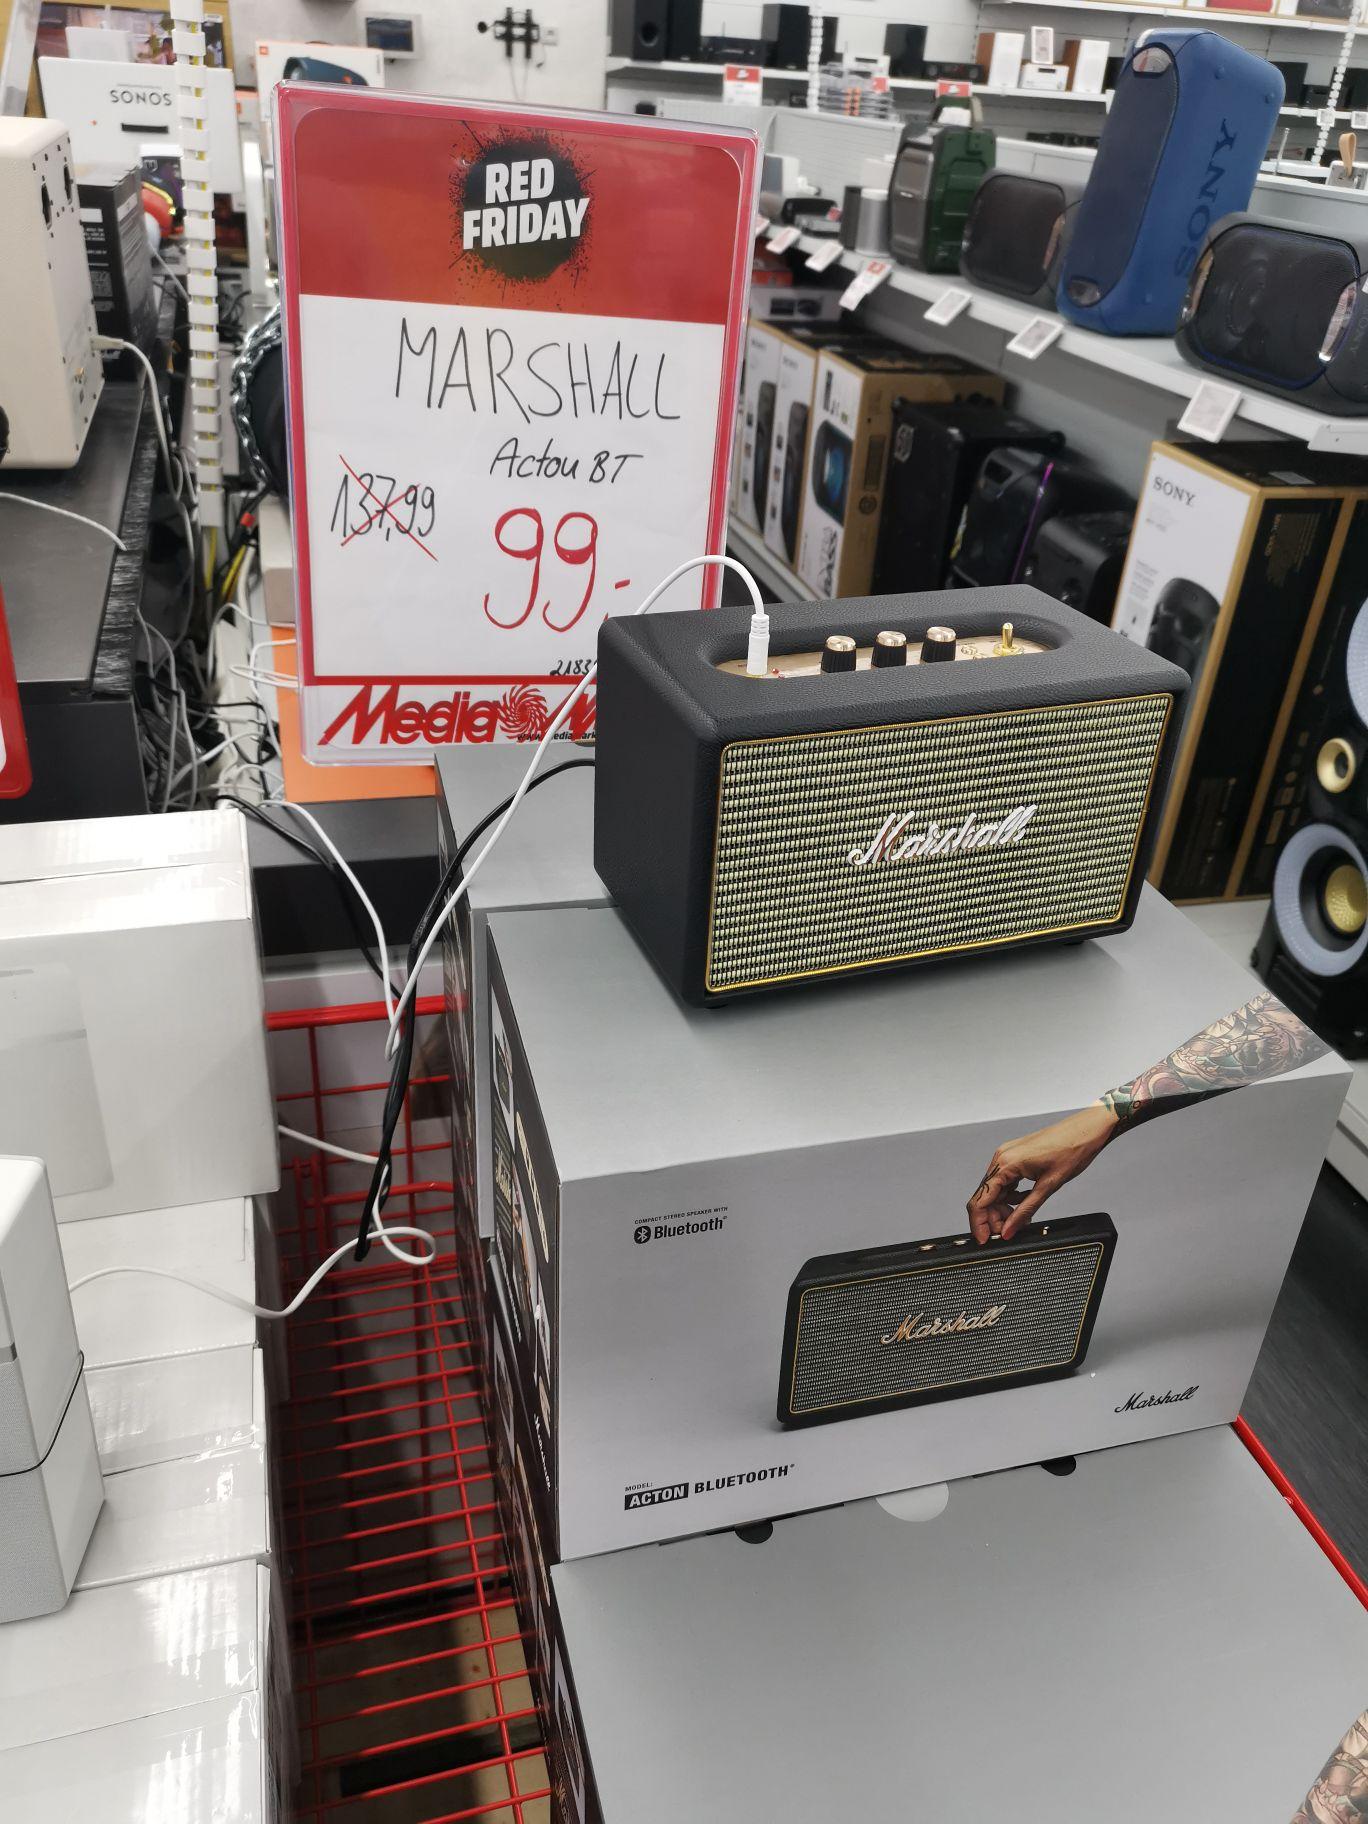 MediaMarkt Wiesbaden Marshall Actoun BT (Lokal?)